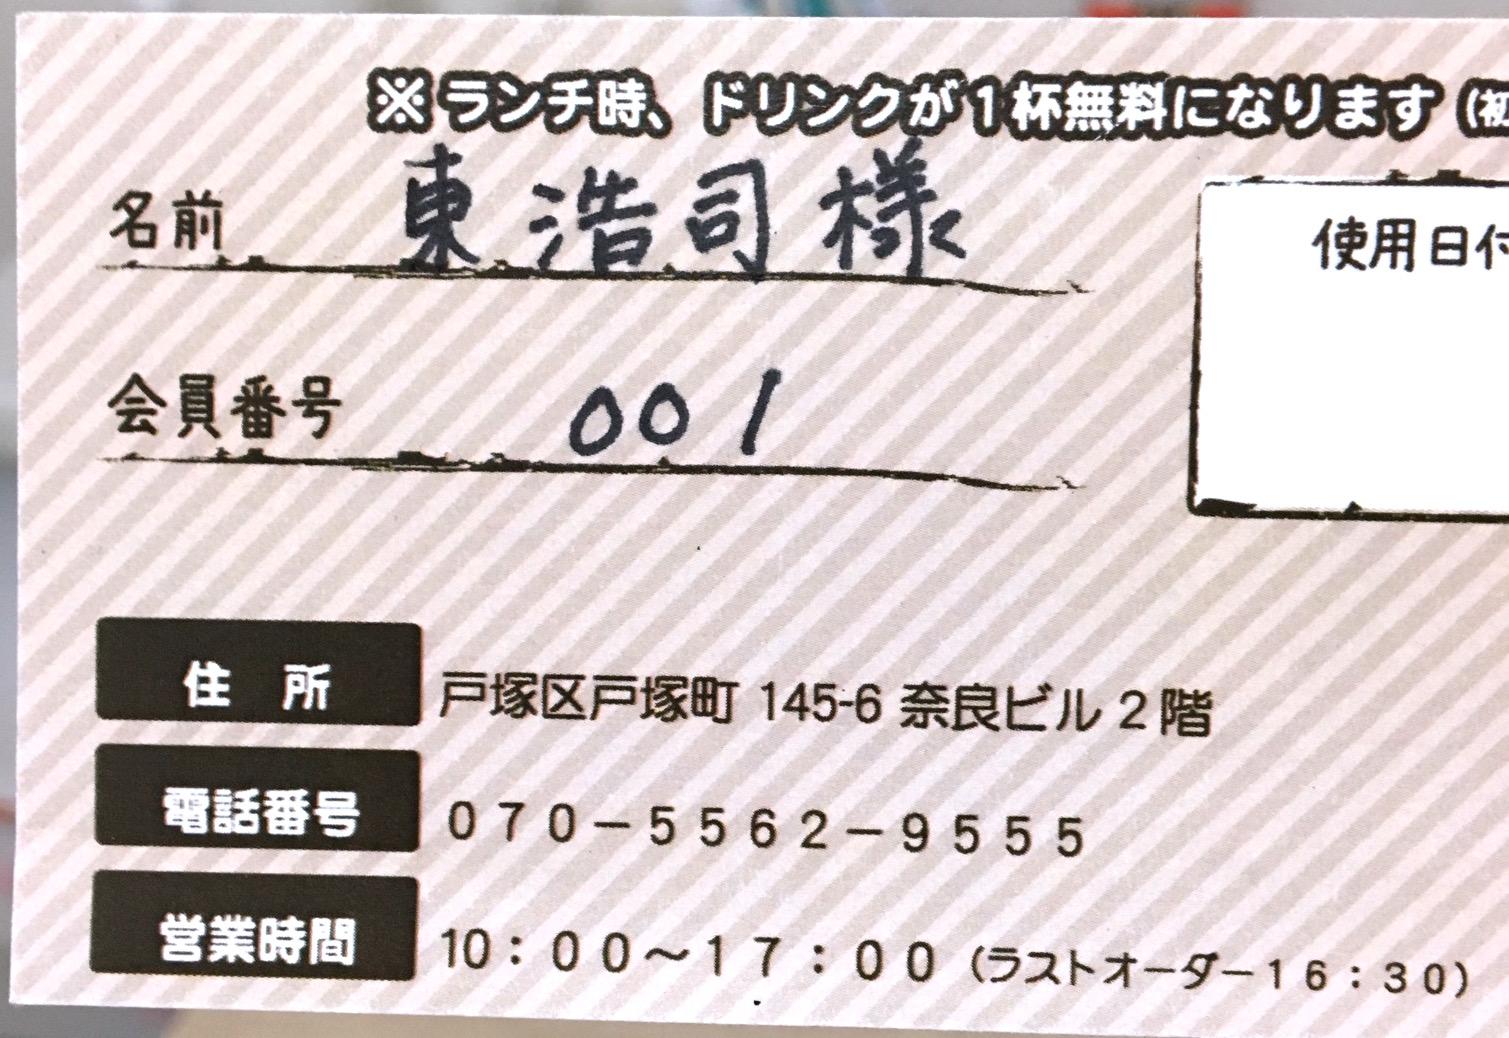 今週土曜は戸塚のこまちカフェへ〜2周年おめでとうございます♪